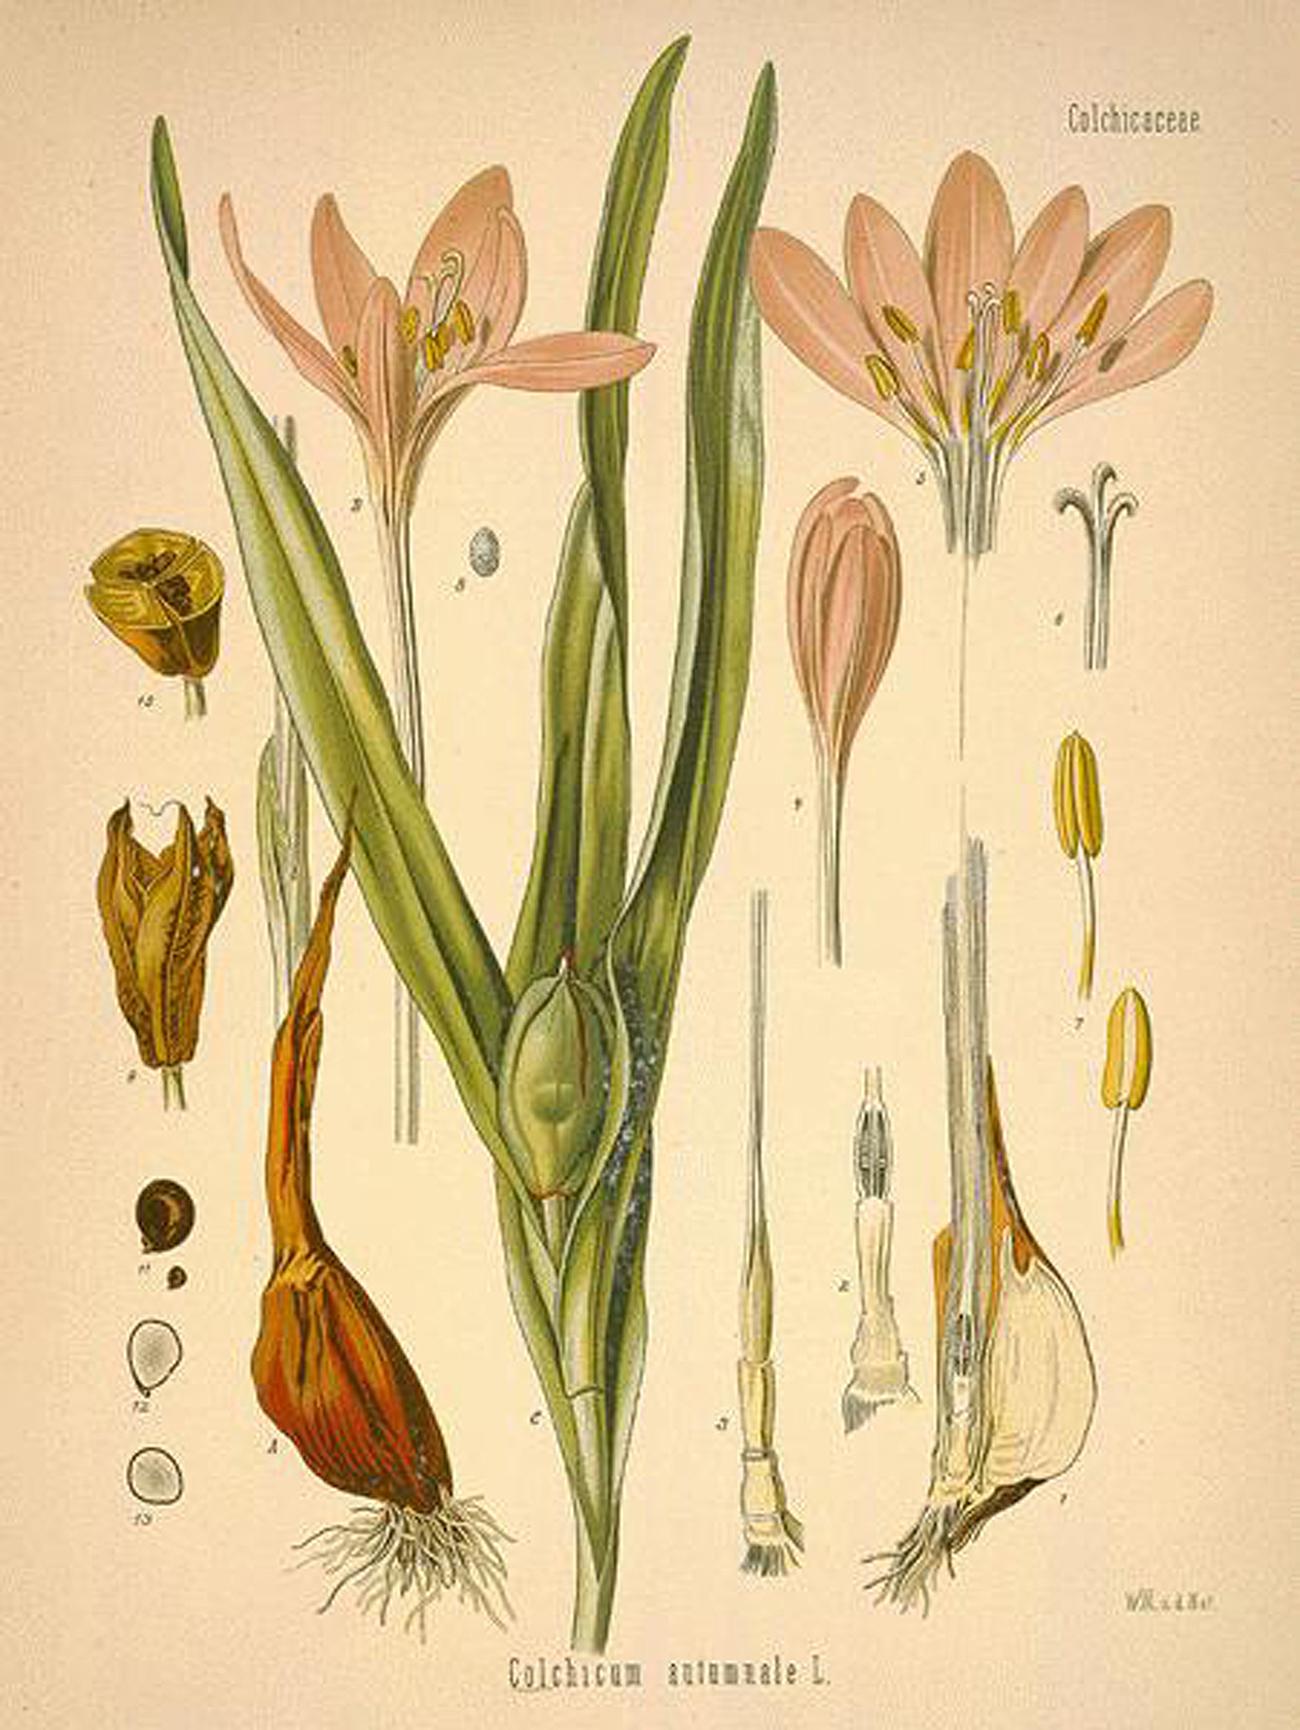 샤론의 수선화 חבצלת השרון 그리고 솔로몬의 꽃